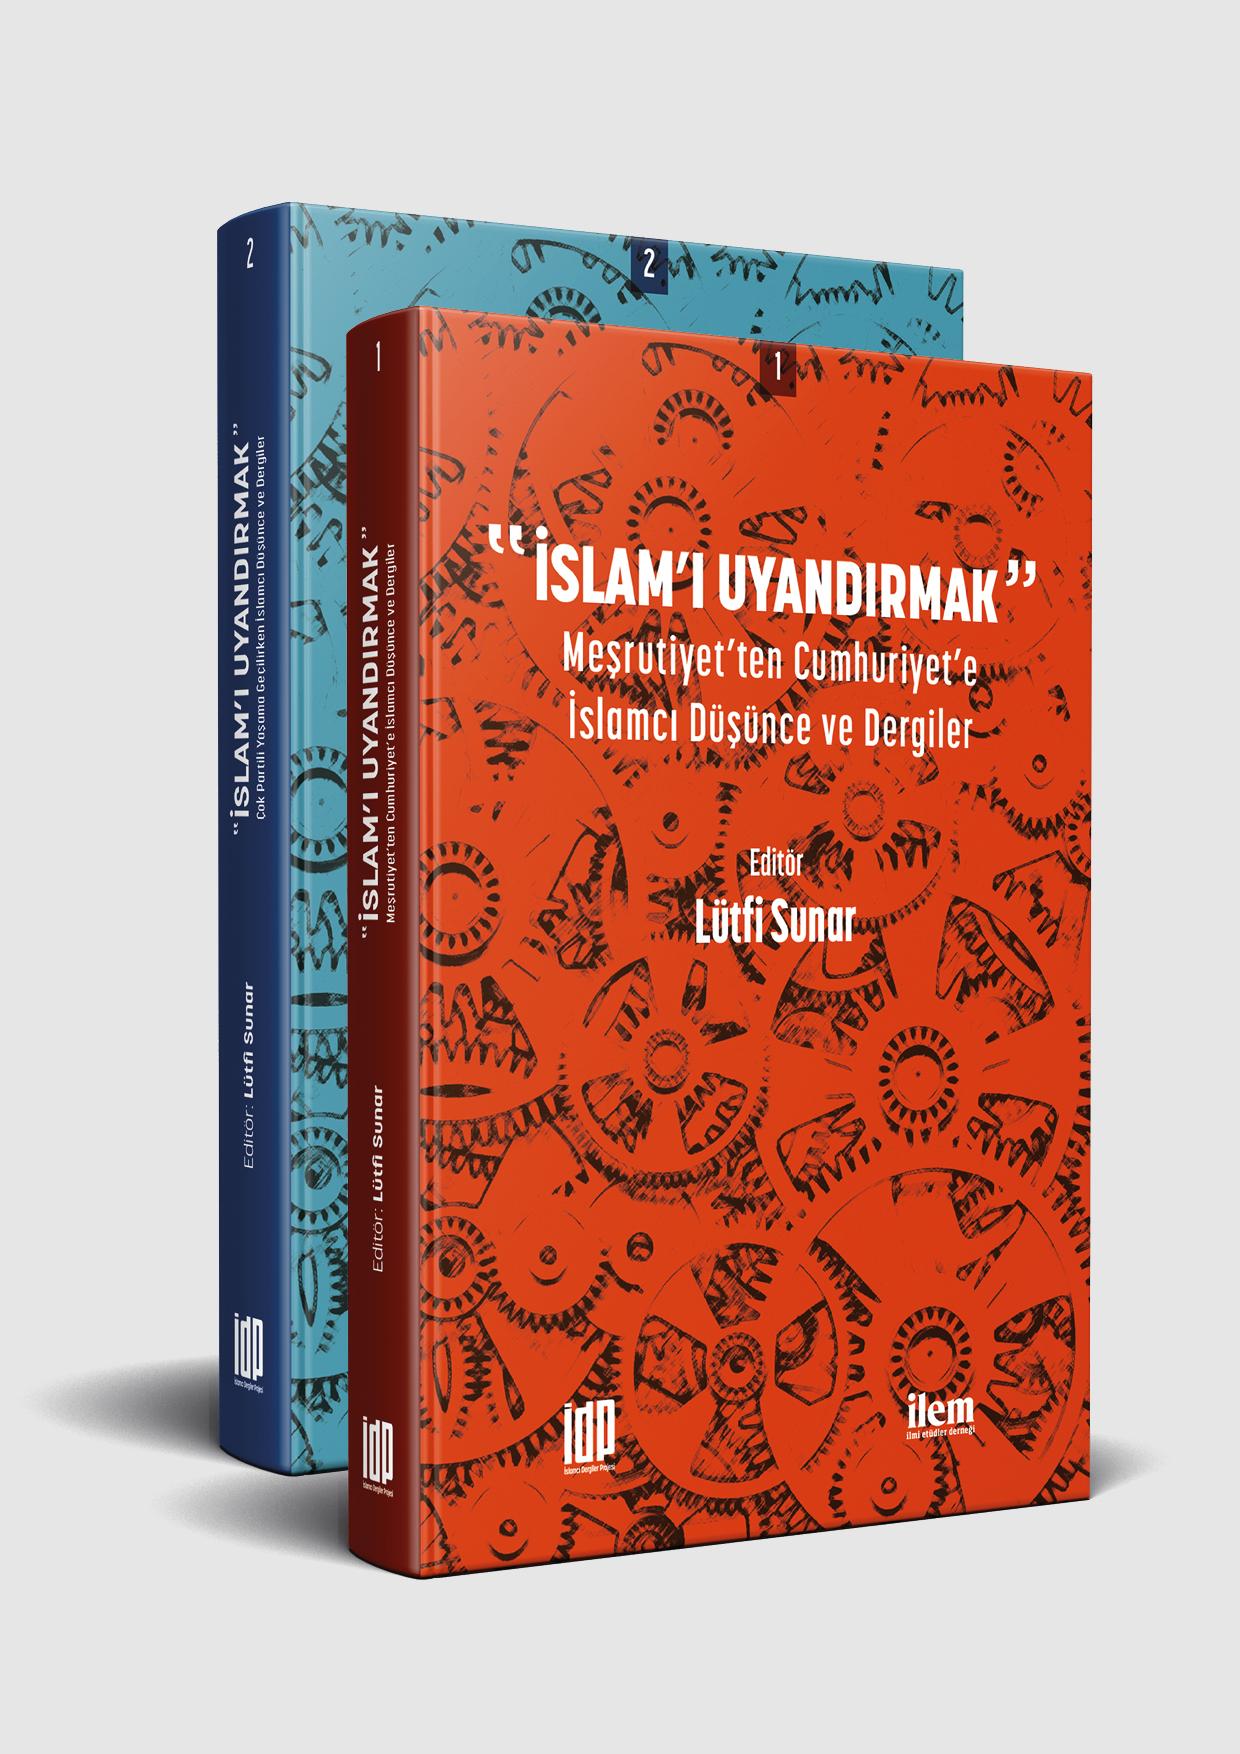 İslamcılığın İlk 50 yılı Bu Kitapta